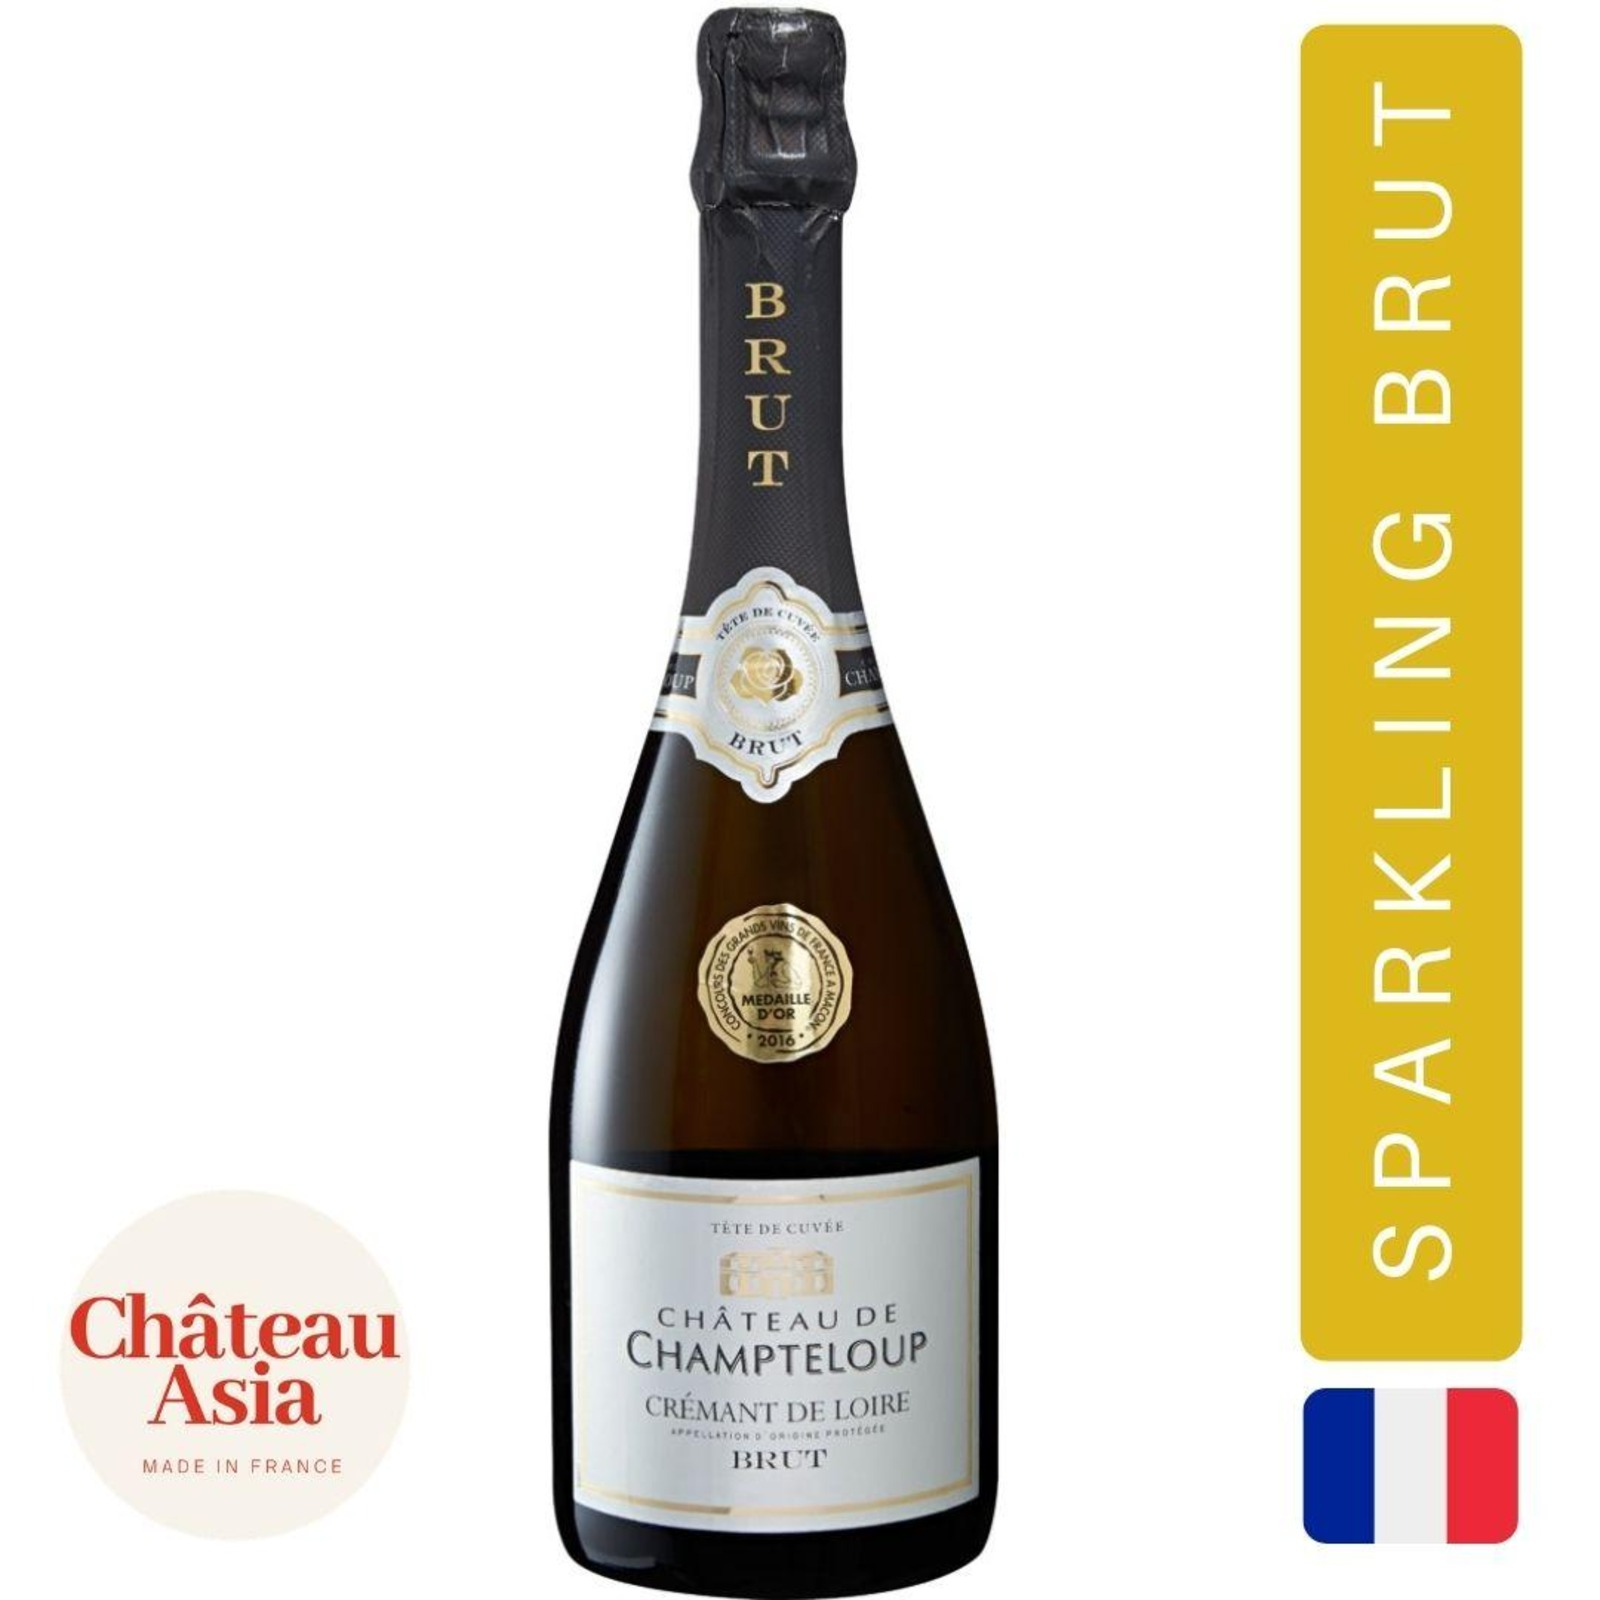 ChateaudeChampteloup - CremantdeLoire Brut -SparklingWhiteWine